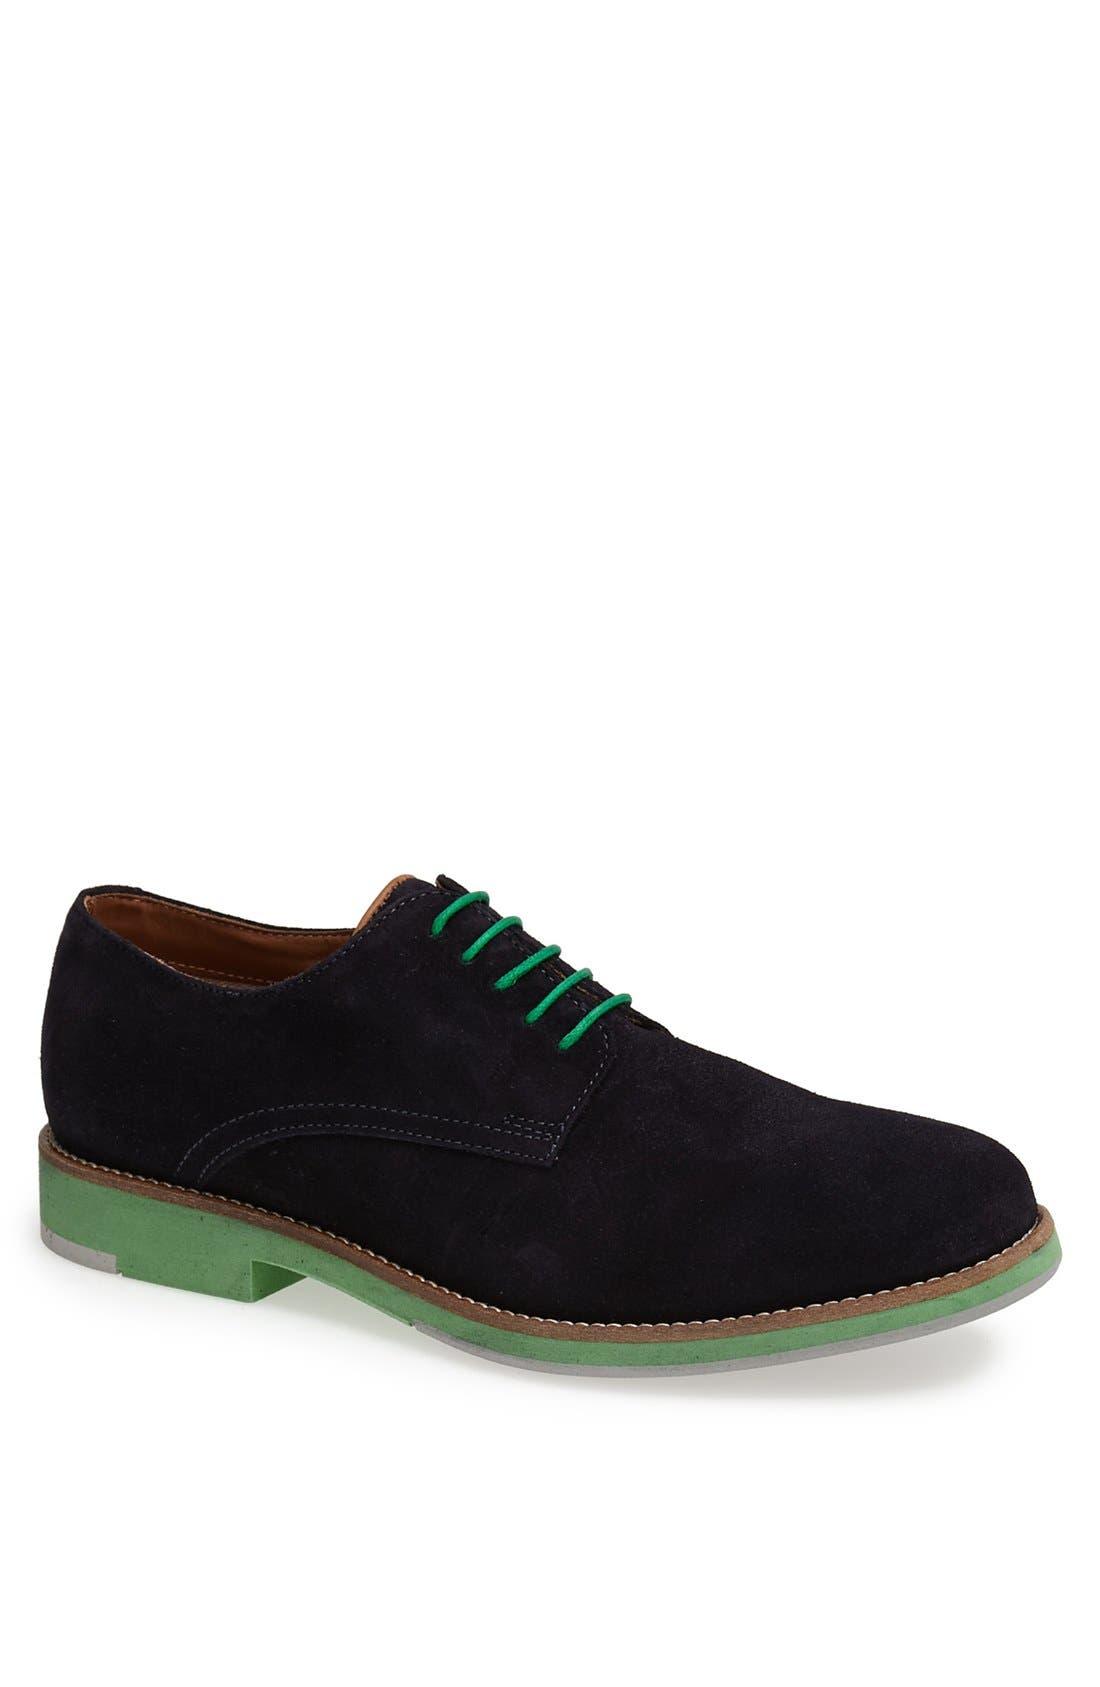 Main Image - ALDO 'Santane' Buck Shoe (Men)